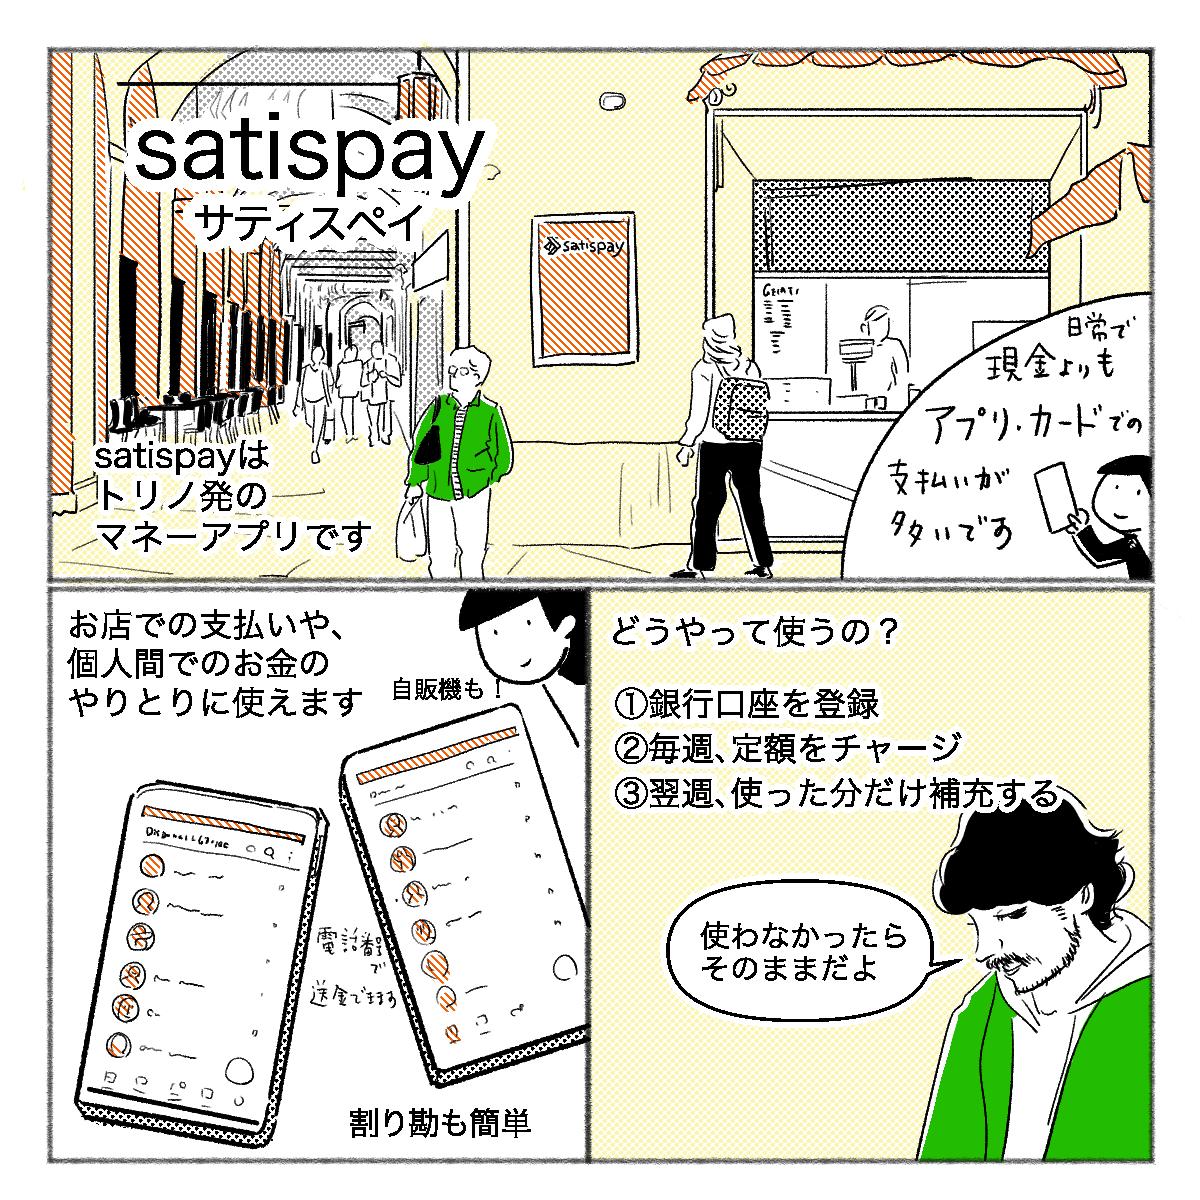 トリノ発のマネーアプリ「satispay(サティスペイ)」の使い方説明